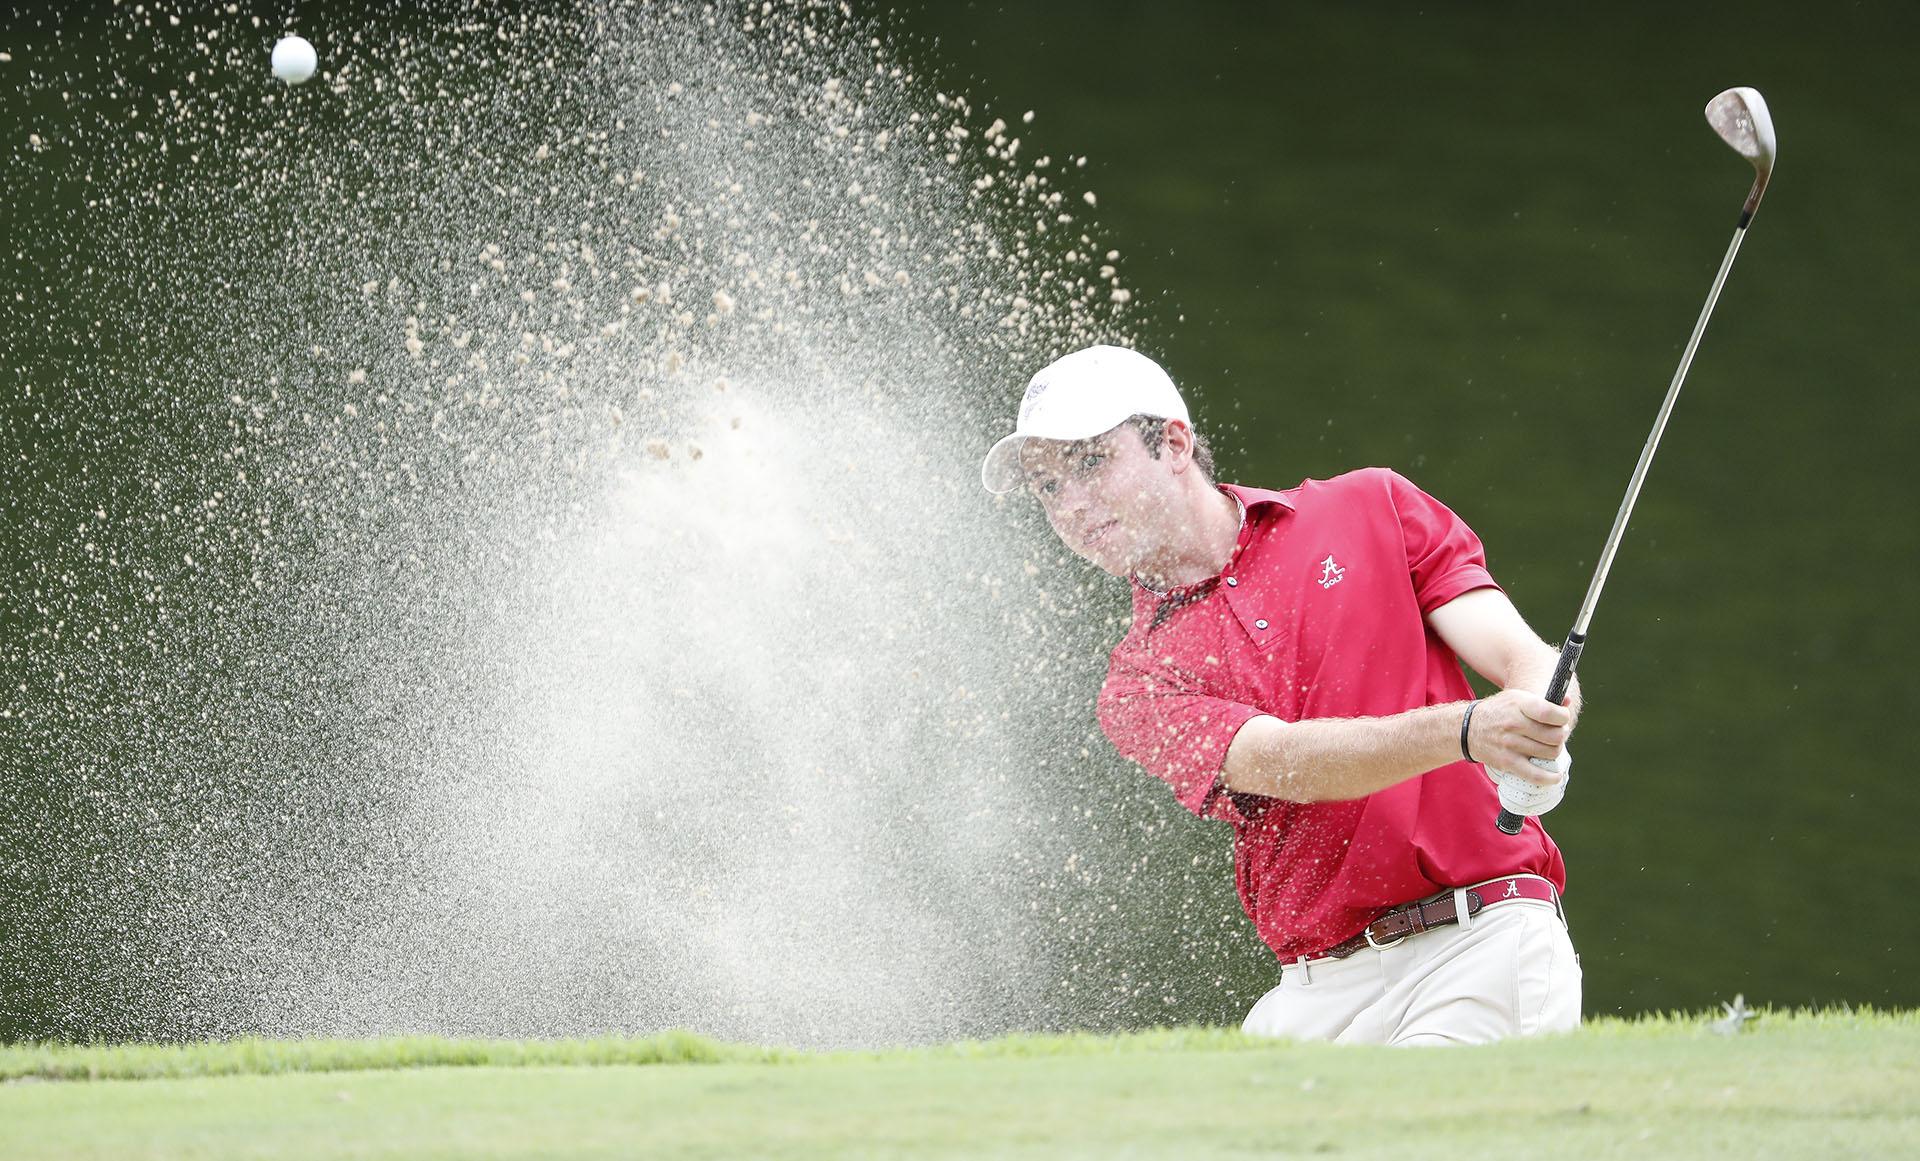 Davis Shore Mens Golf Alabama FanWord 4